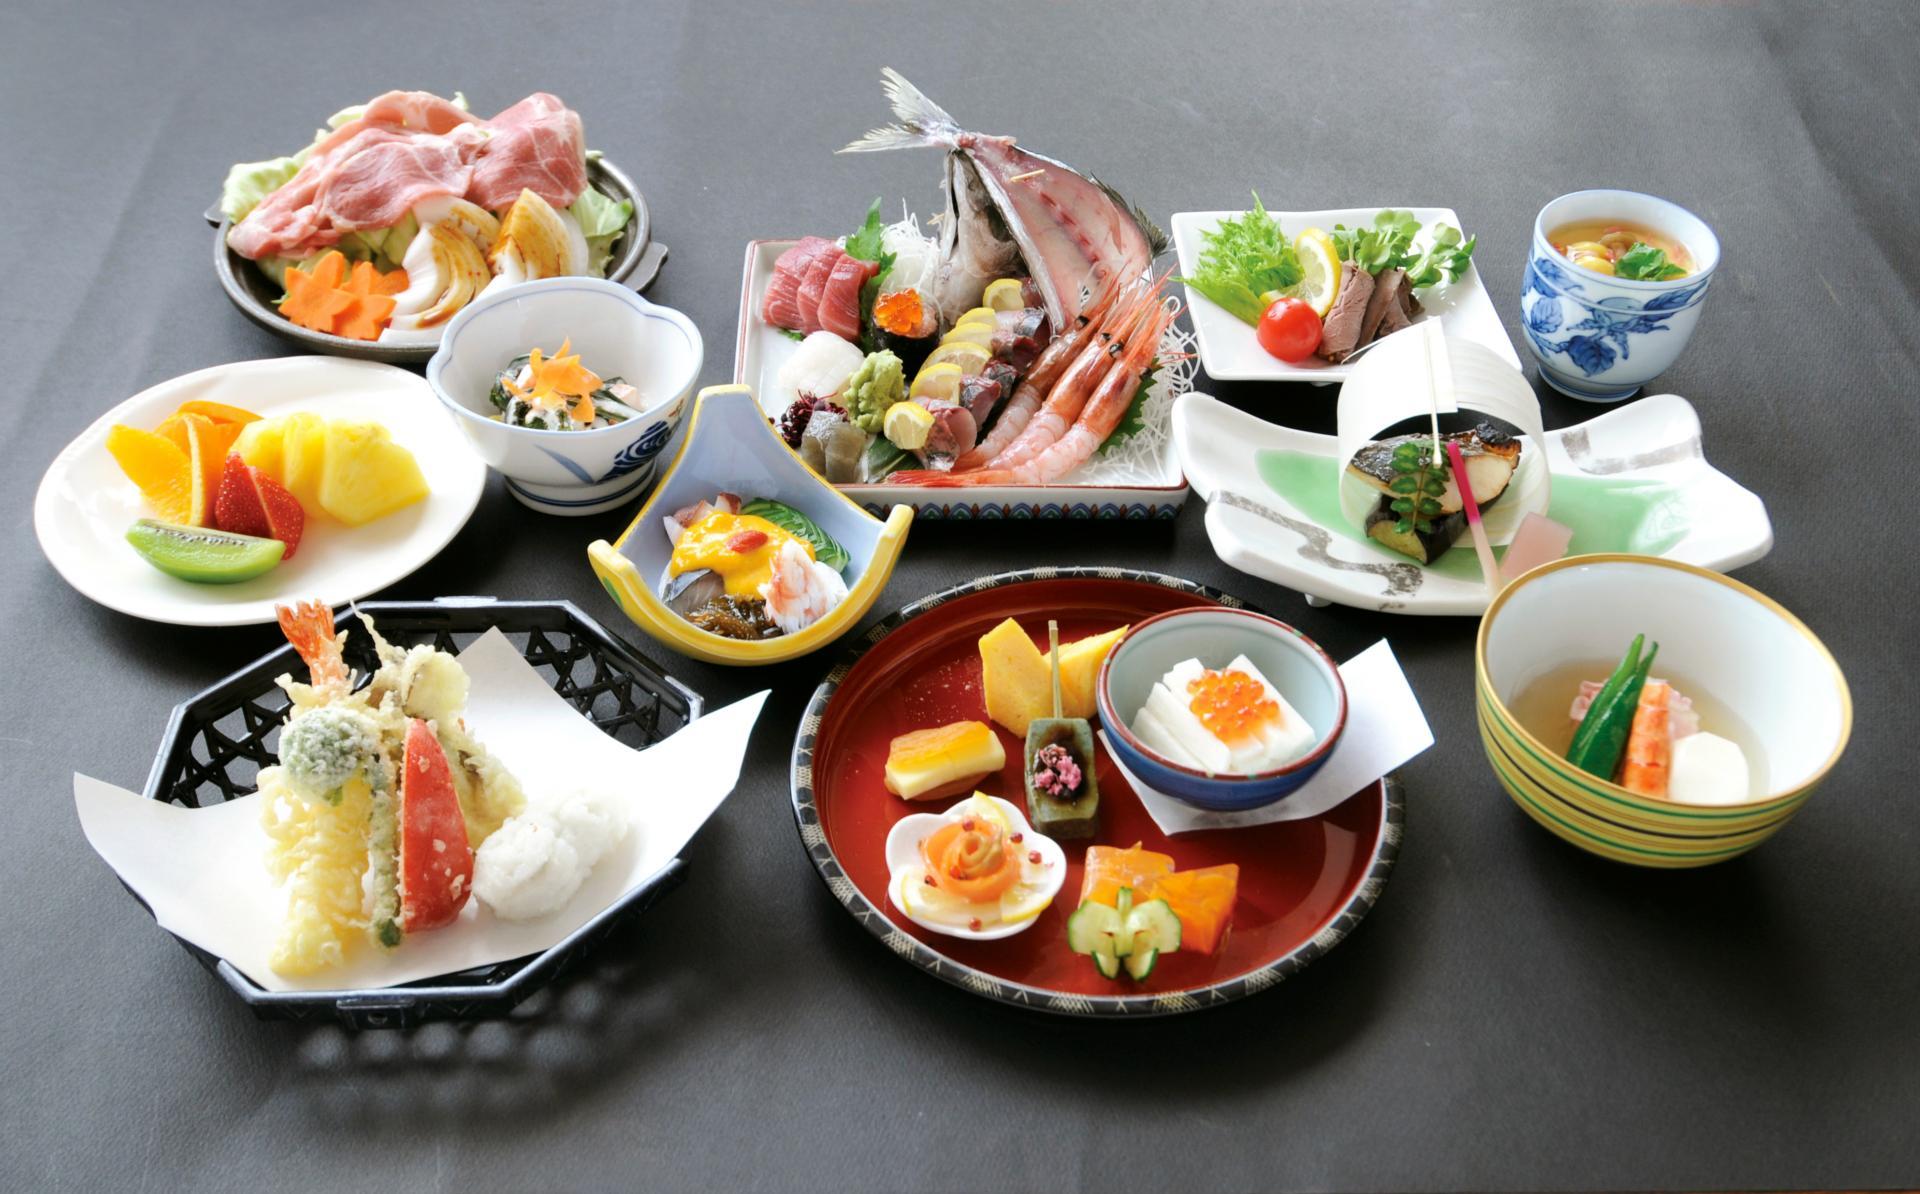 Le washoku et ses grands principes cuisine japonaise - Cuisine japonaise traditionnelle ...